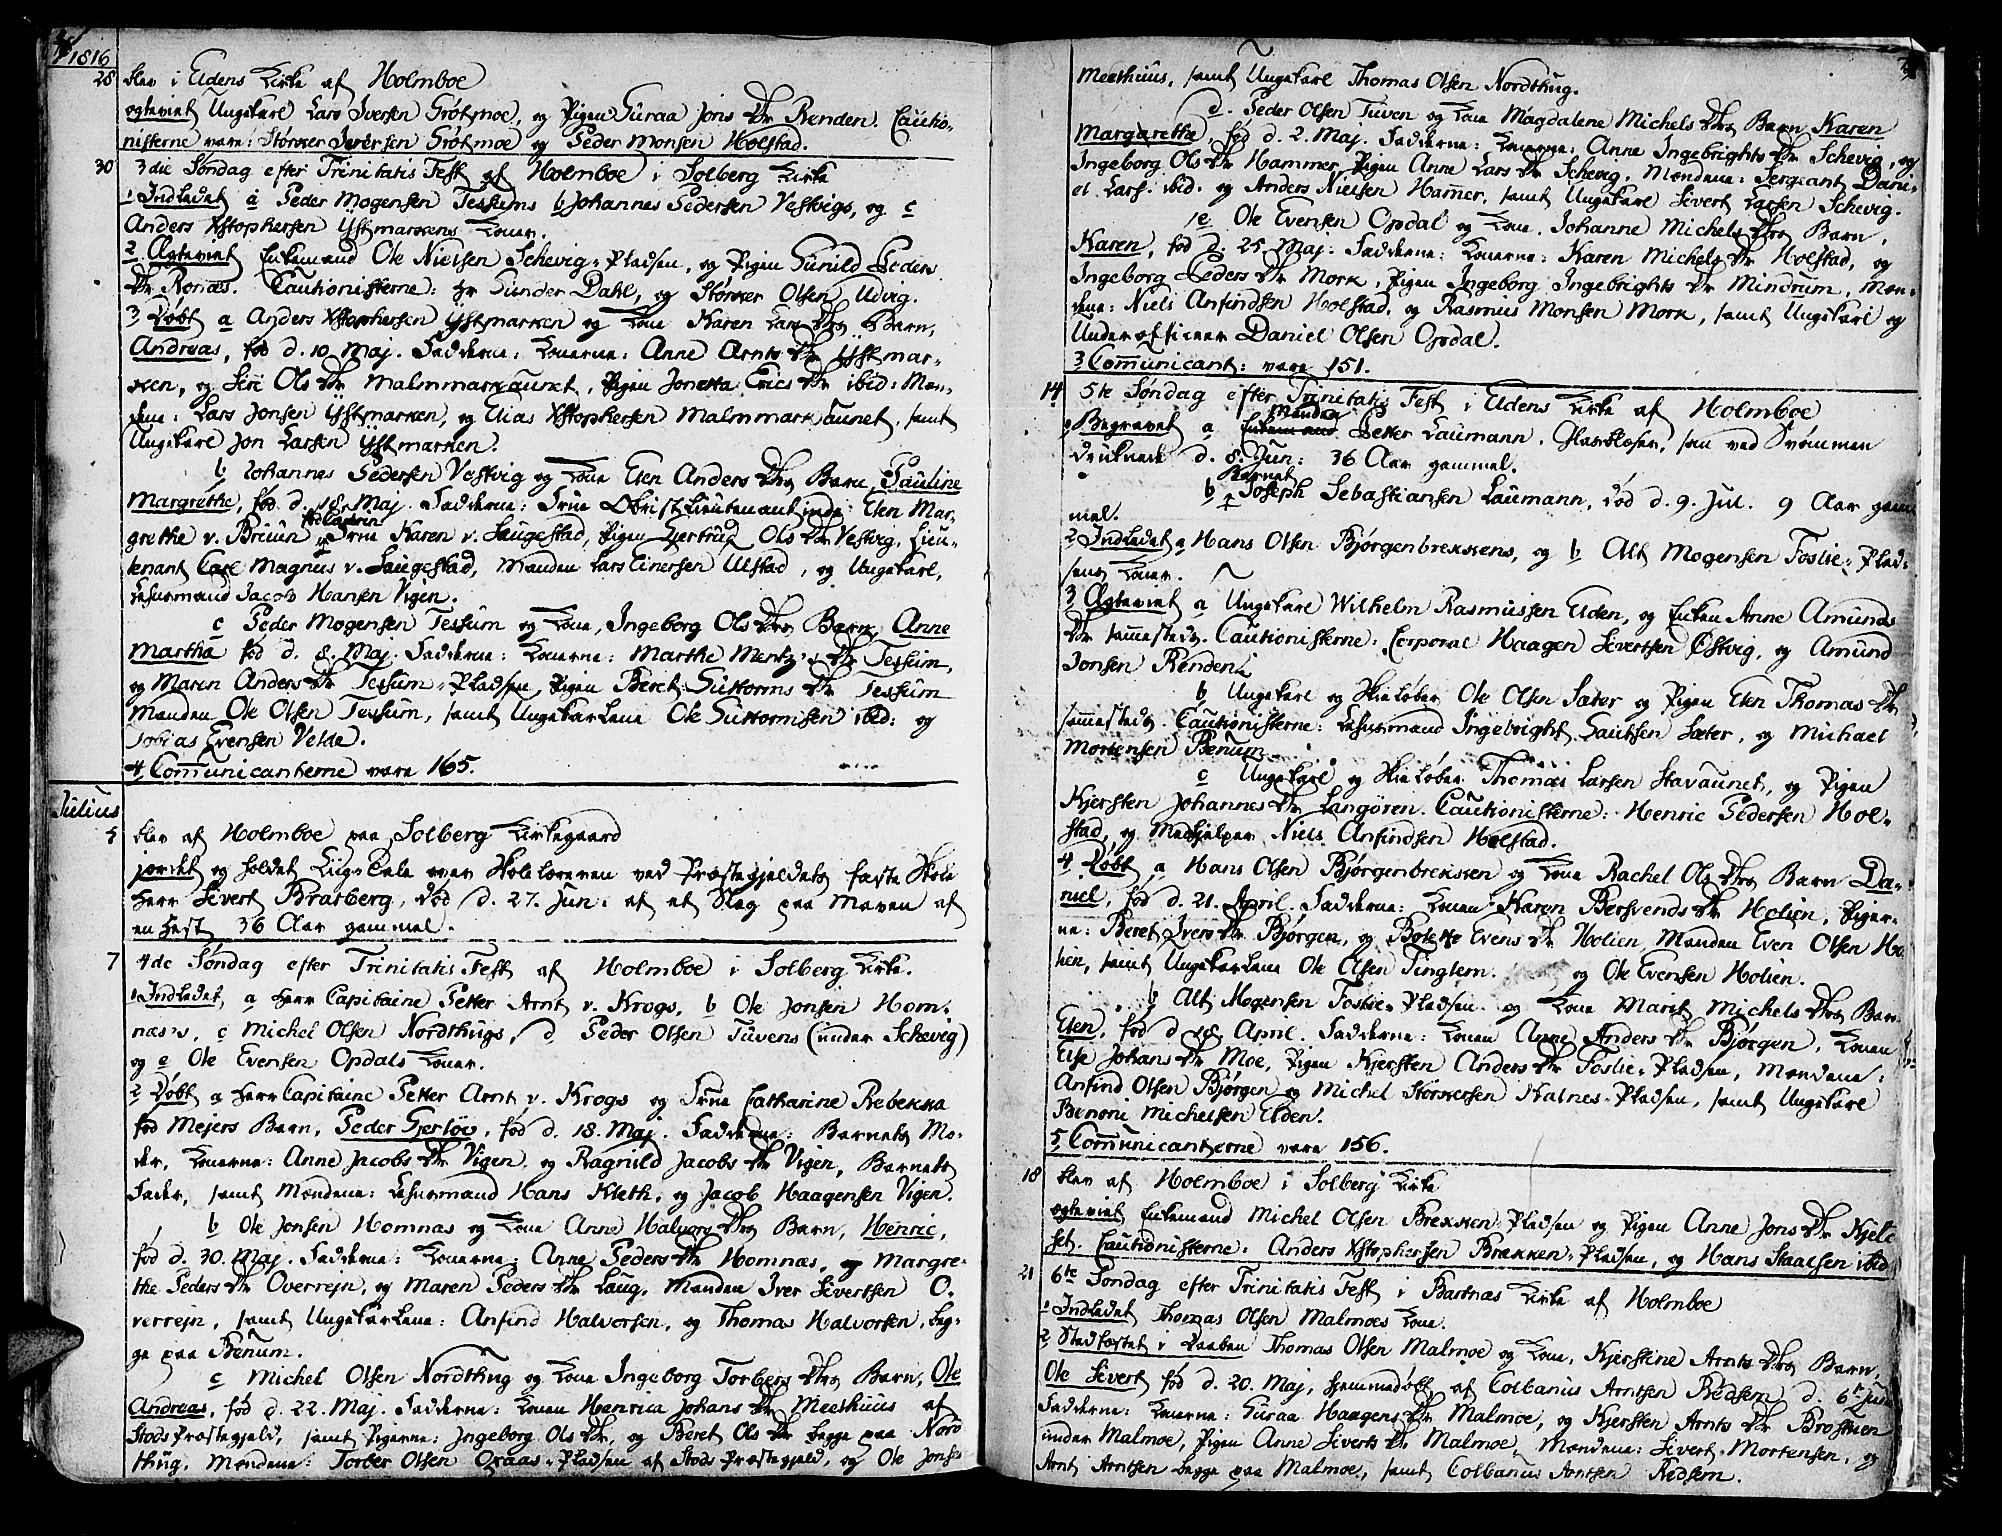 SAT, Ministerialprotokoller, klokkerbøker og fødselsregistre - Nord-Trøndelag, 741/L0386: Ministerialbok nr. 741A02, 1804-1816, s. 76-77